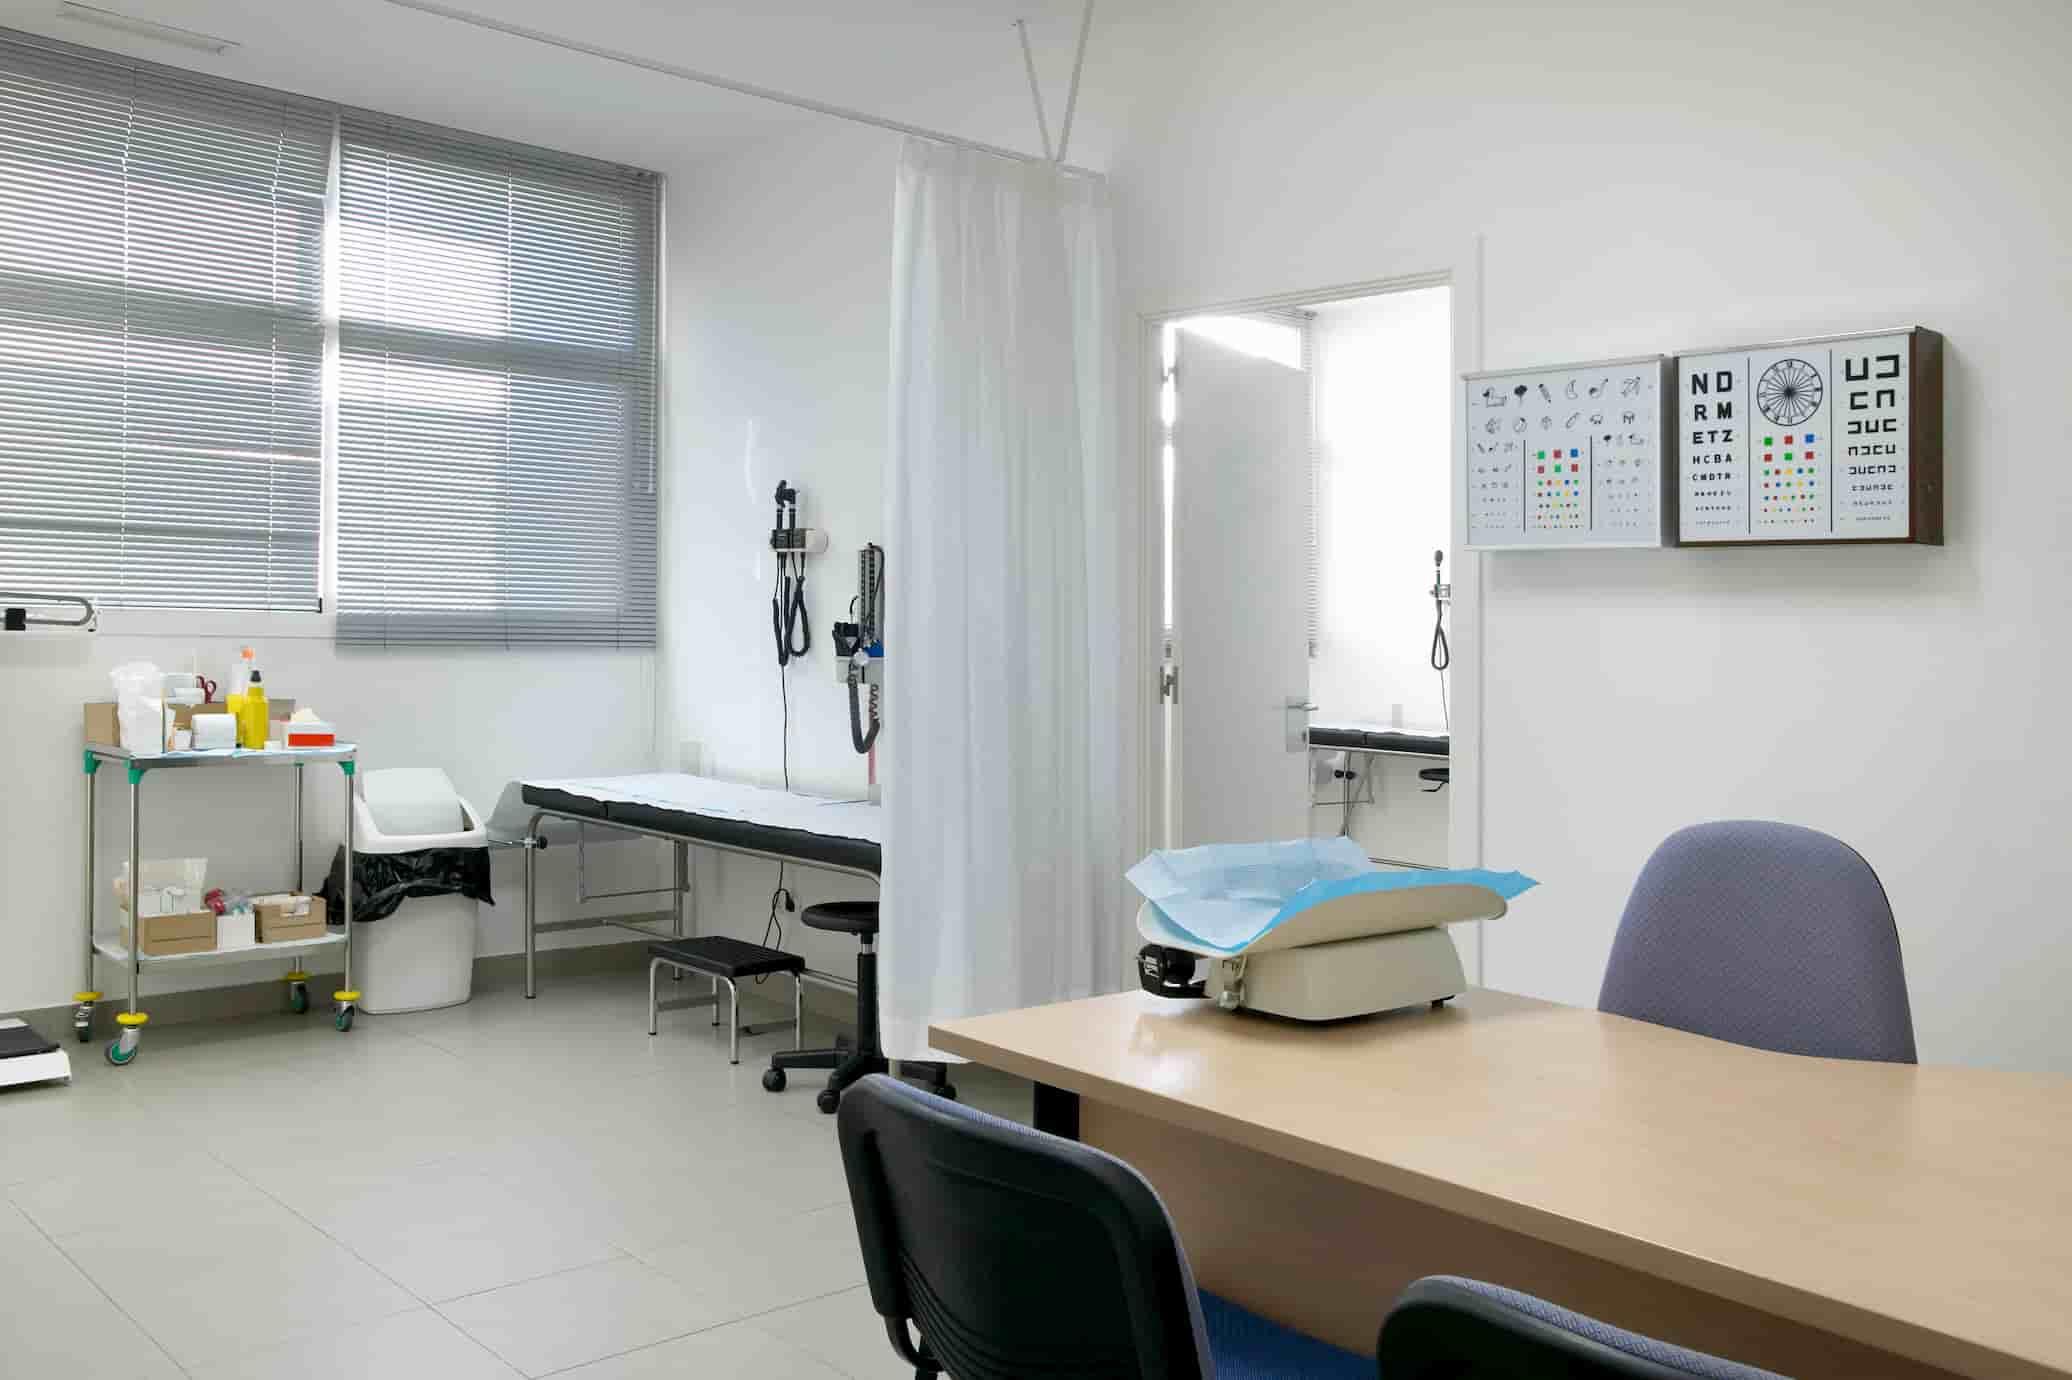 manutenzione-impianti-studio-medico-polispecialistico